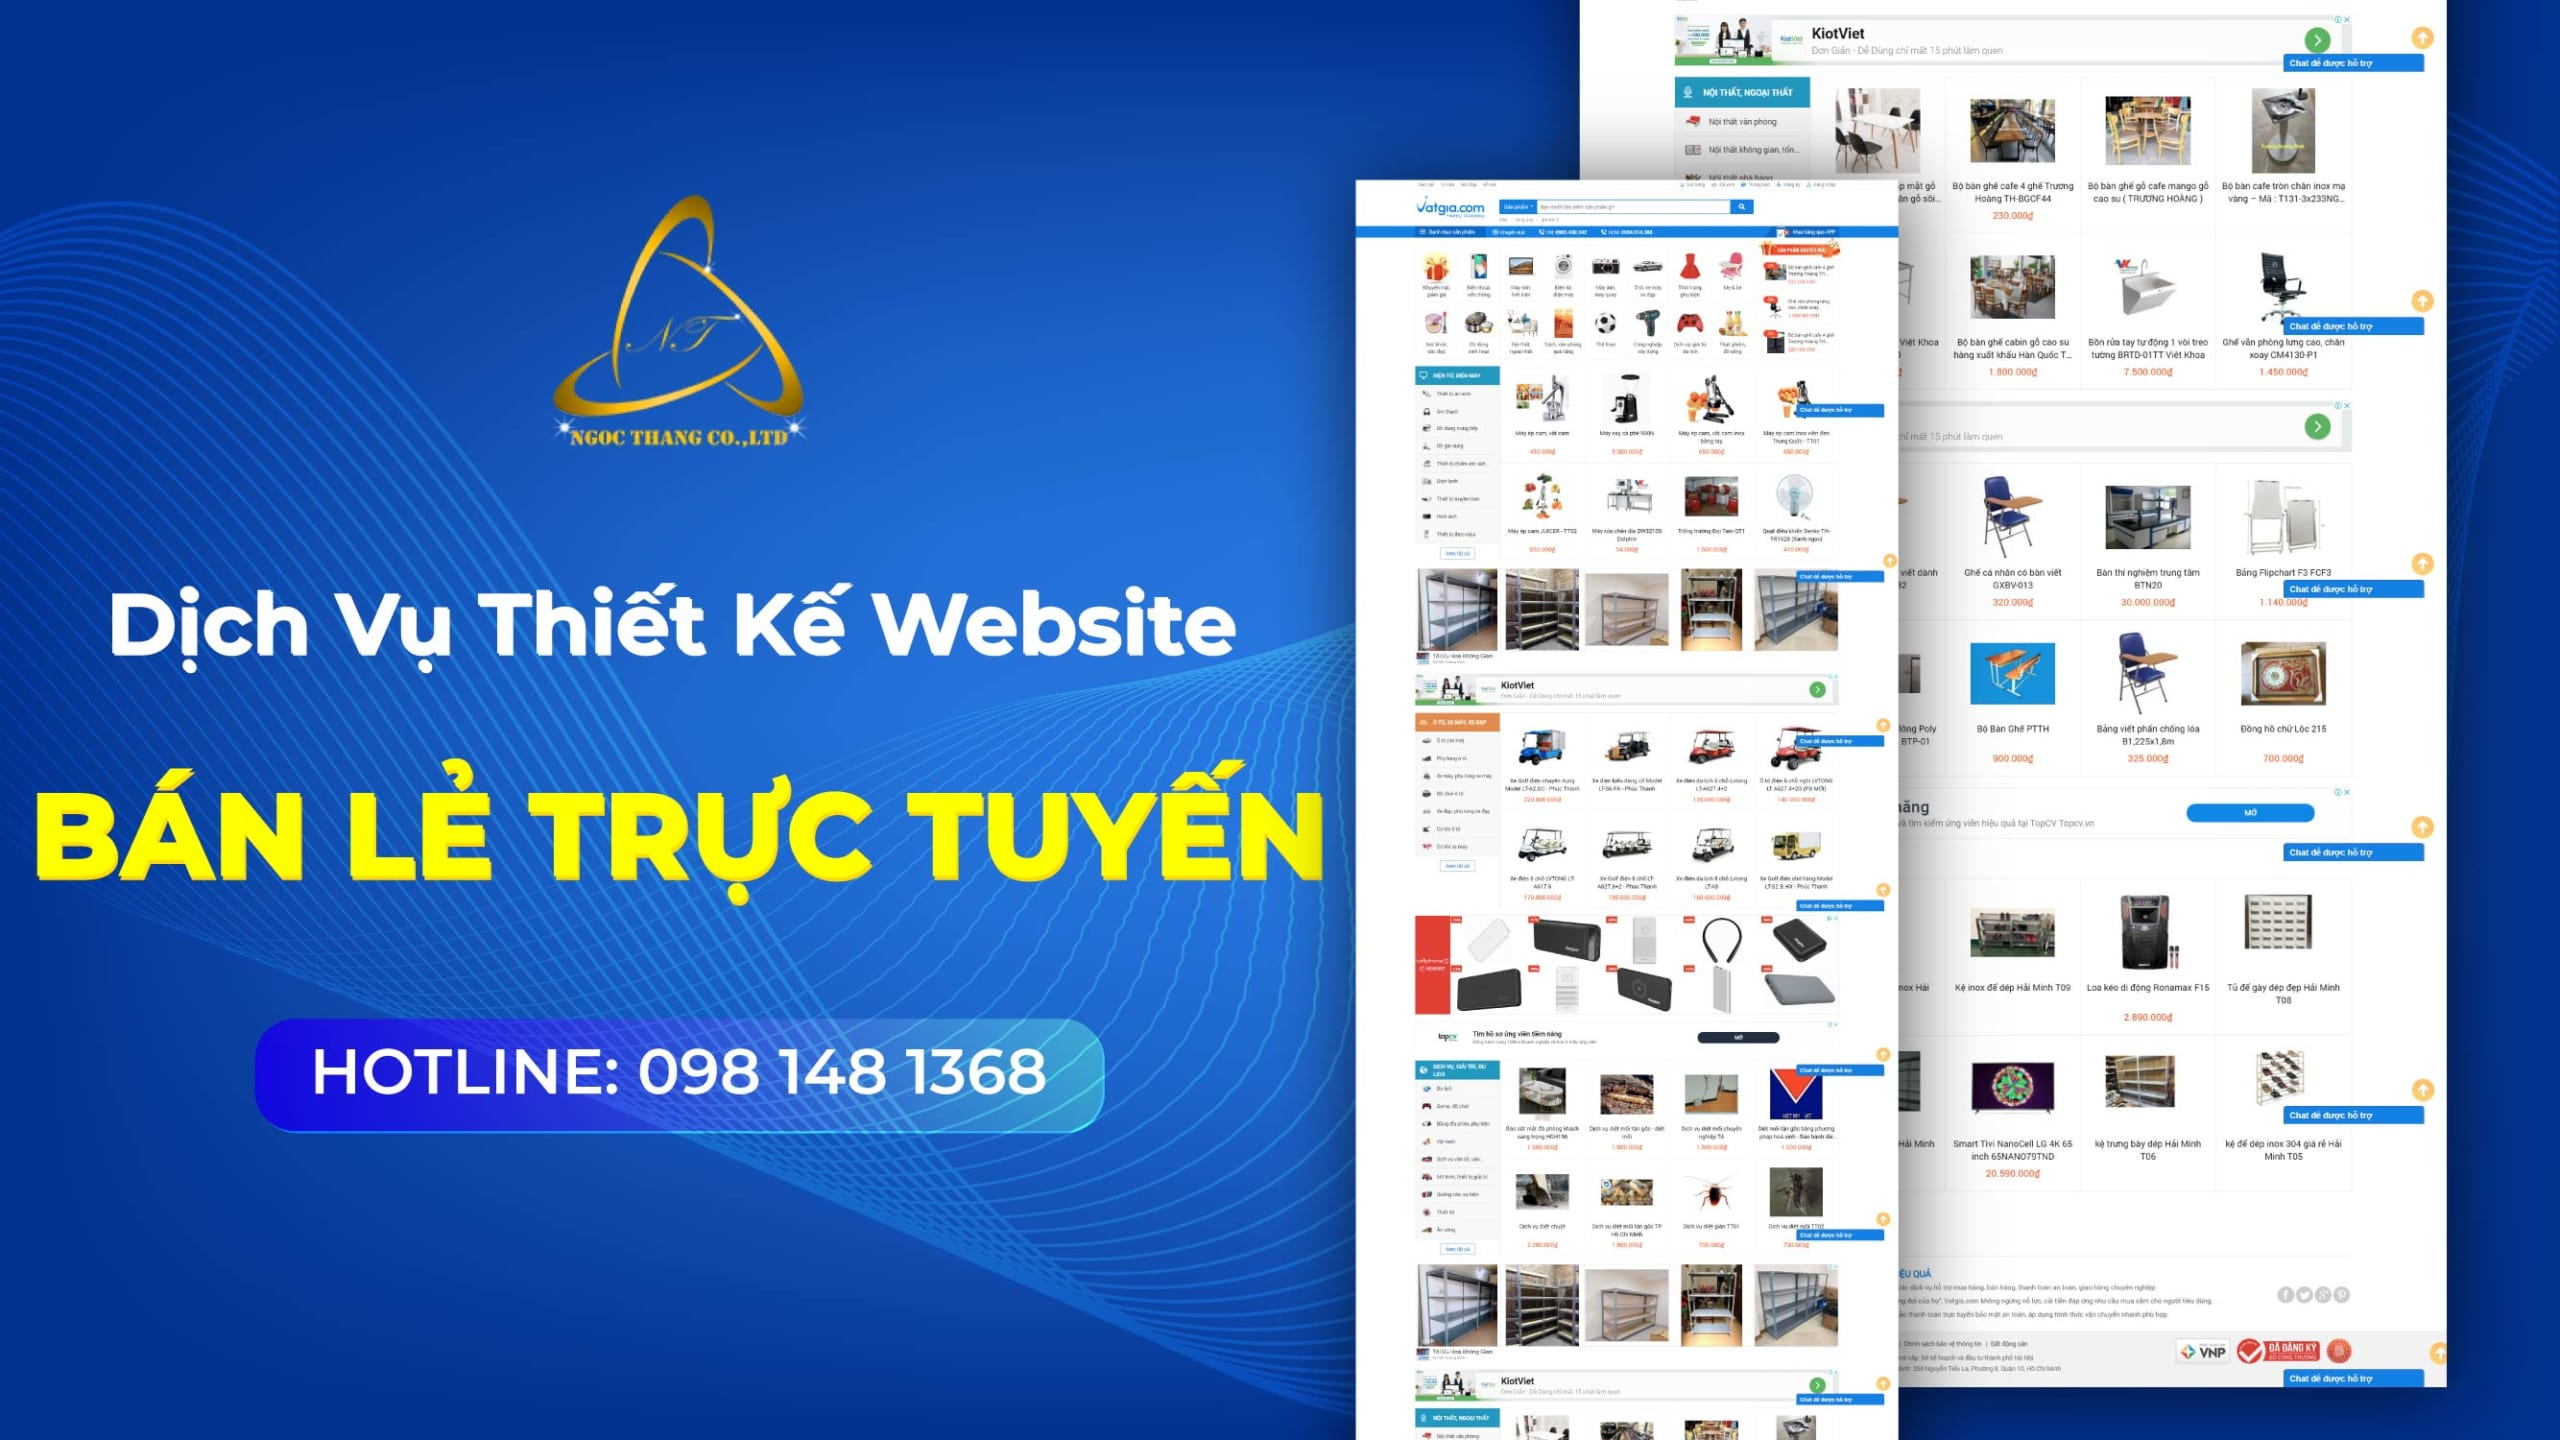 Thiết kế website bán lẻ trực tuyến